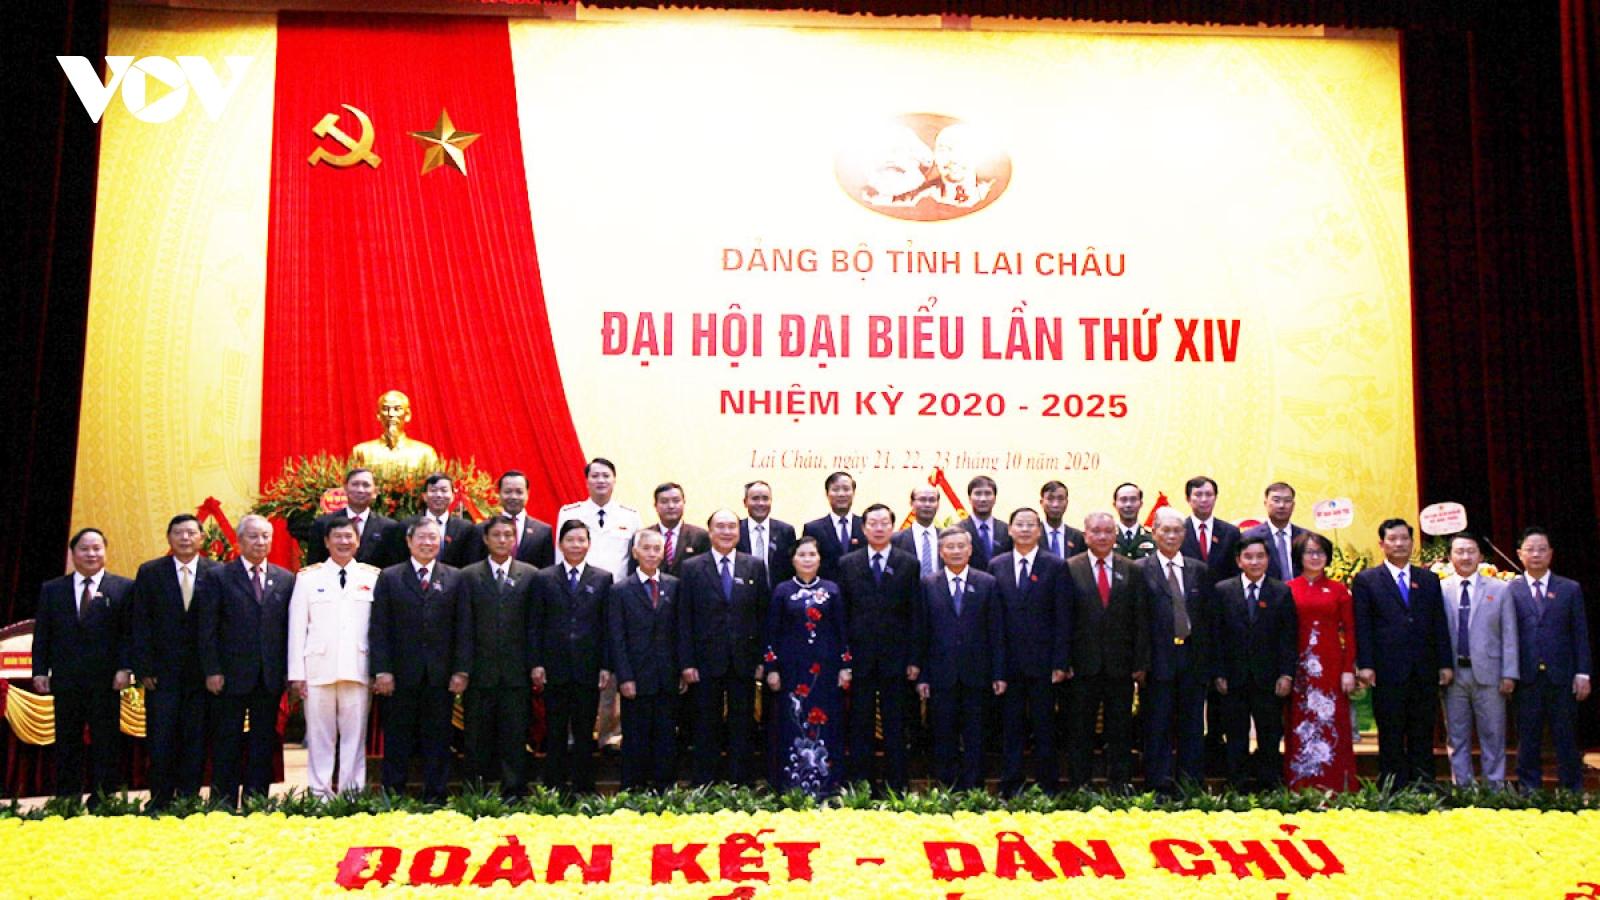 Bế mạc Đại hội Đảng bộ tỉnh Lai Châu khóa XIV